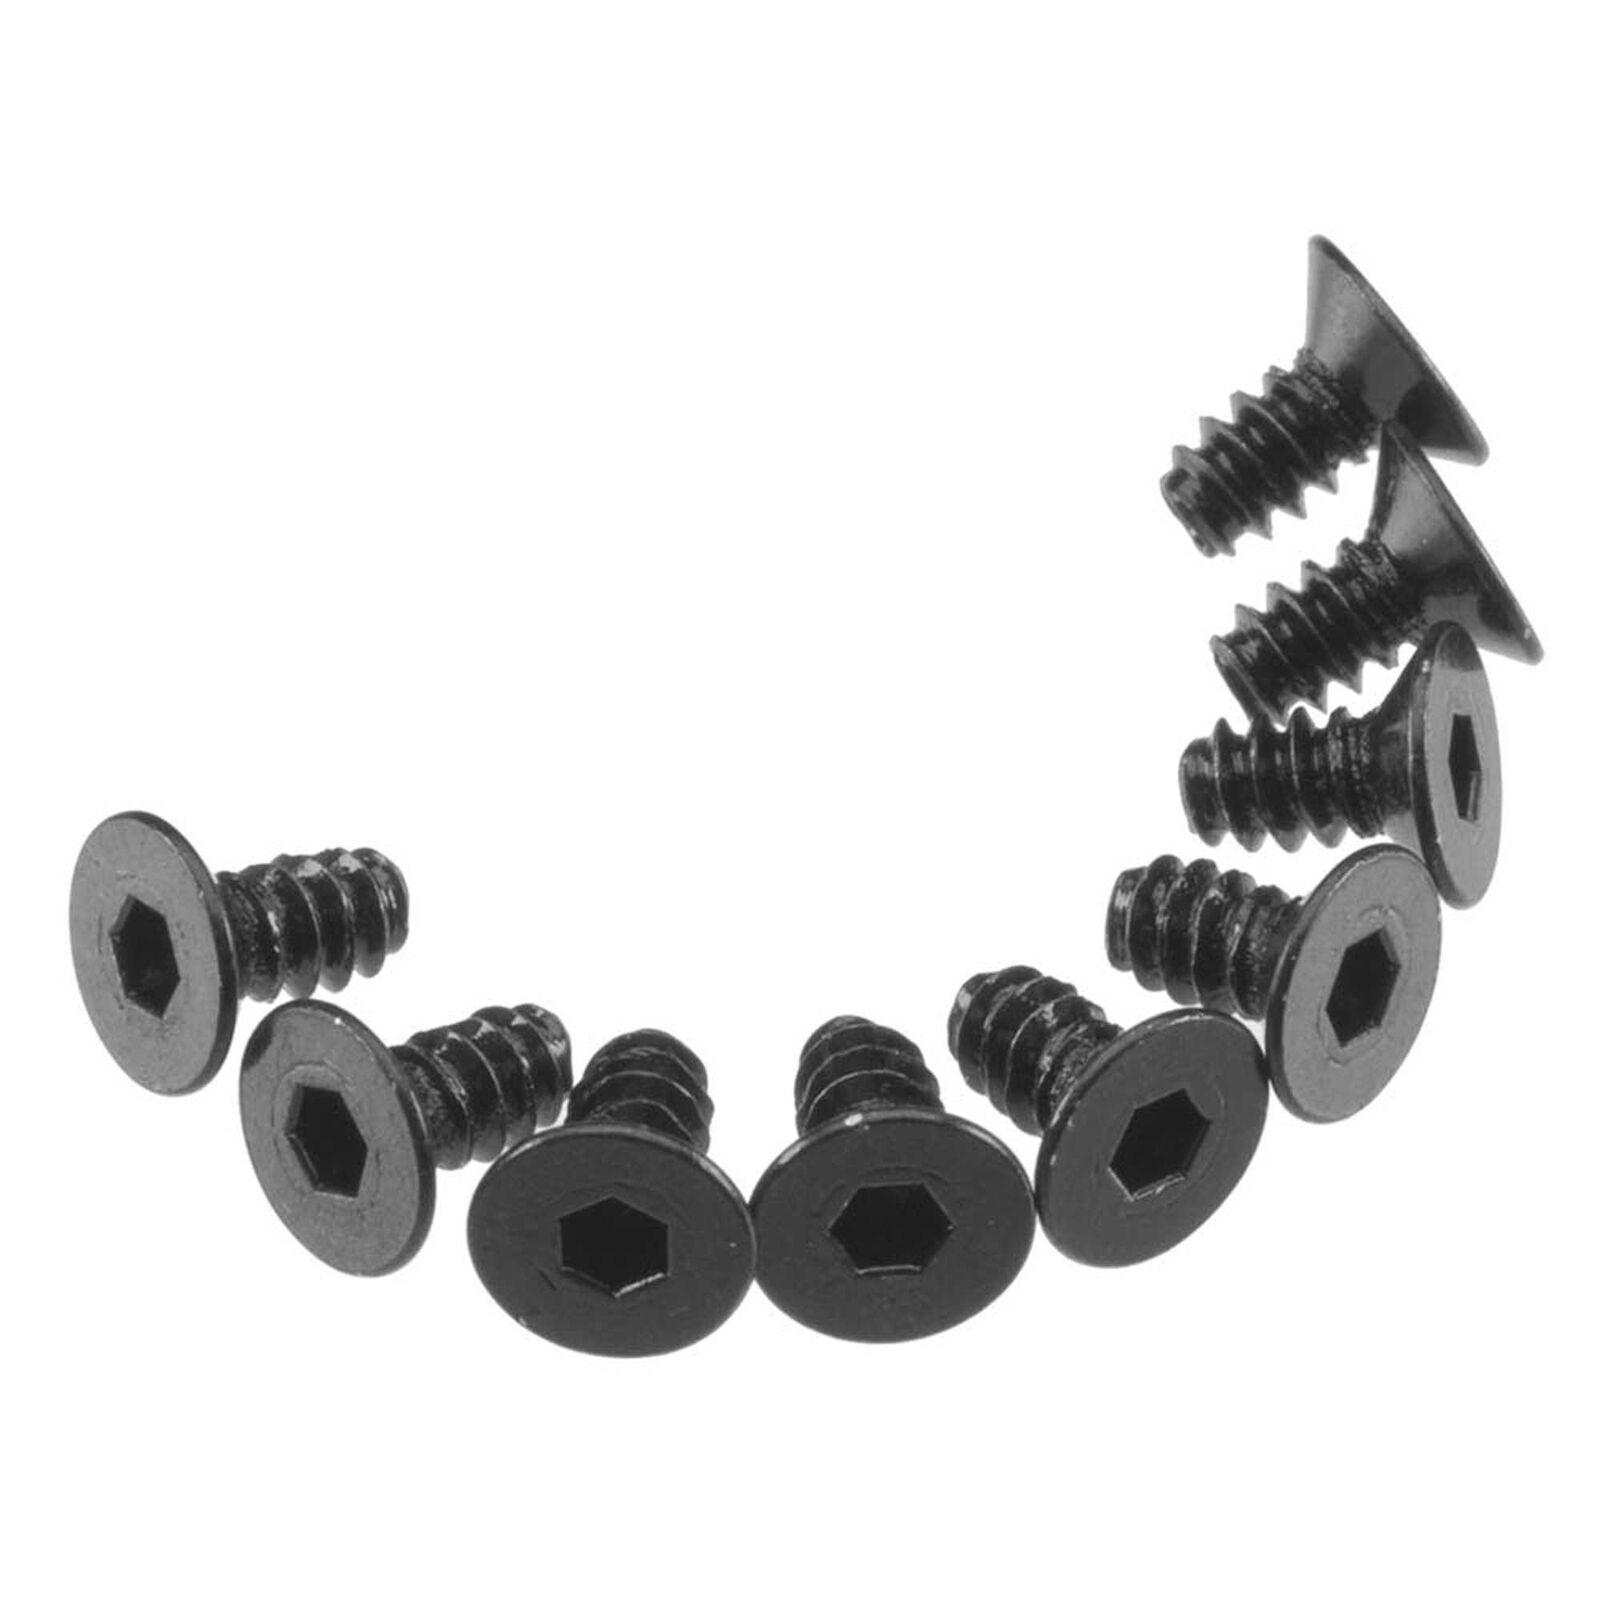 Hex Socket Tap Flat Head M3x6mm Black (10)